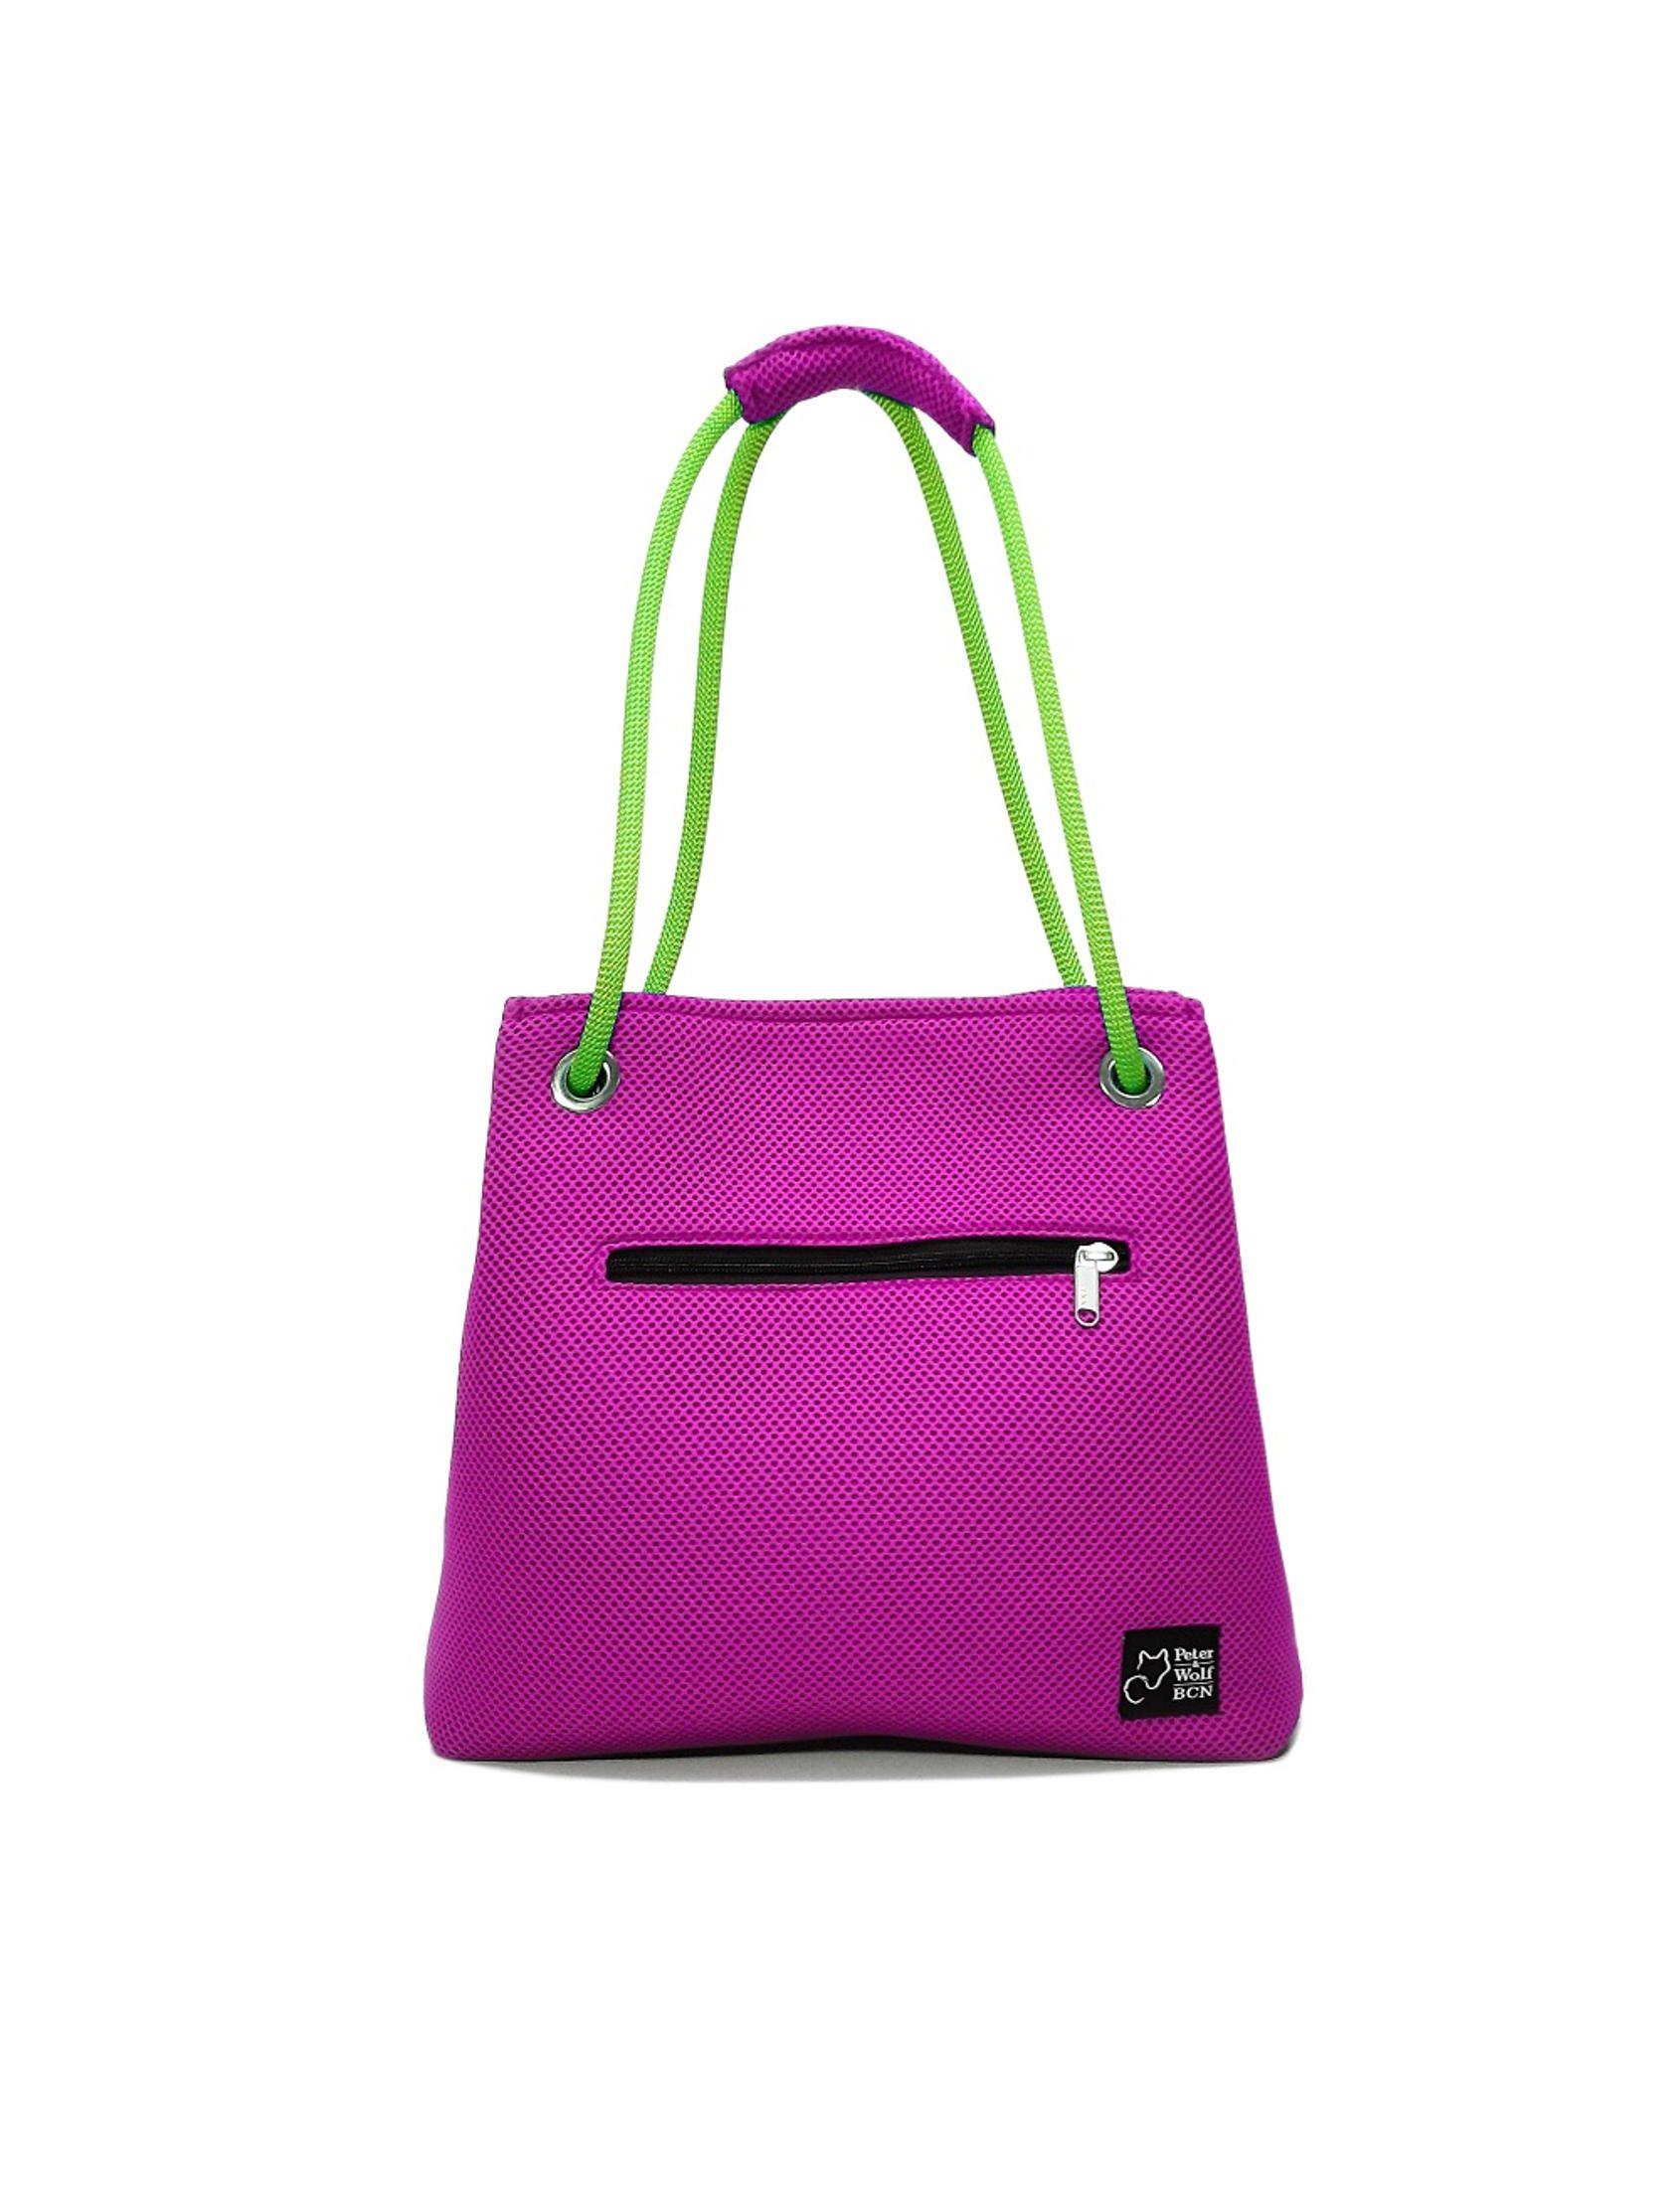 Bolso Kraft Sport Pink confeccionado artesanalmente en tejido técnico 3D, con asa en cuerda de escalada corredera para poder llevar el bolso de la mano, del hombro o en bandolera.